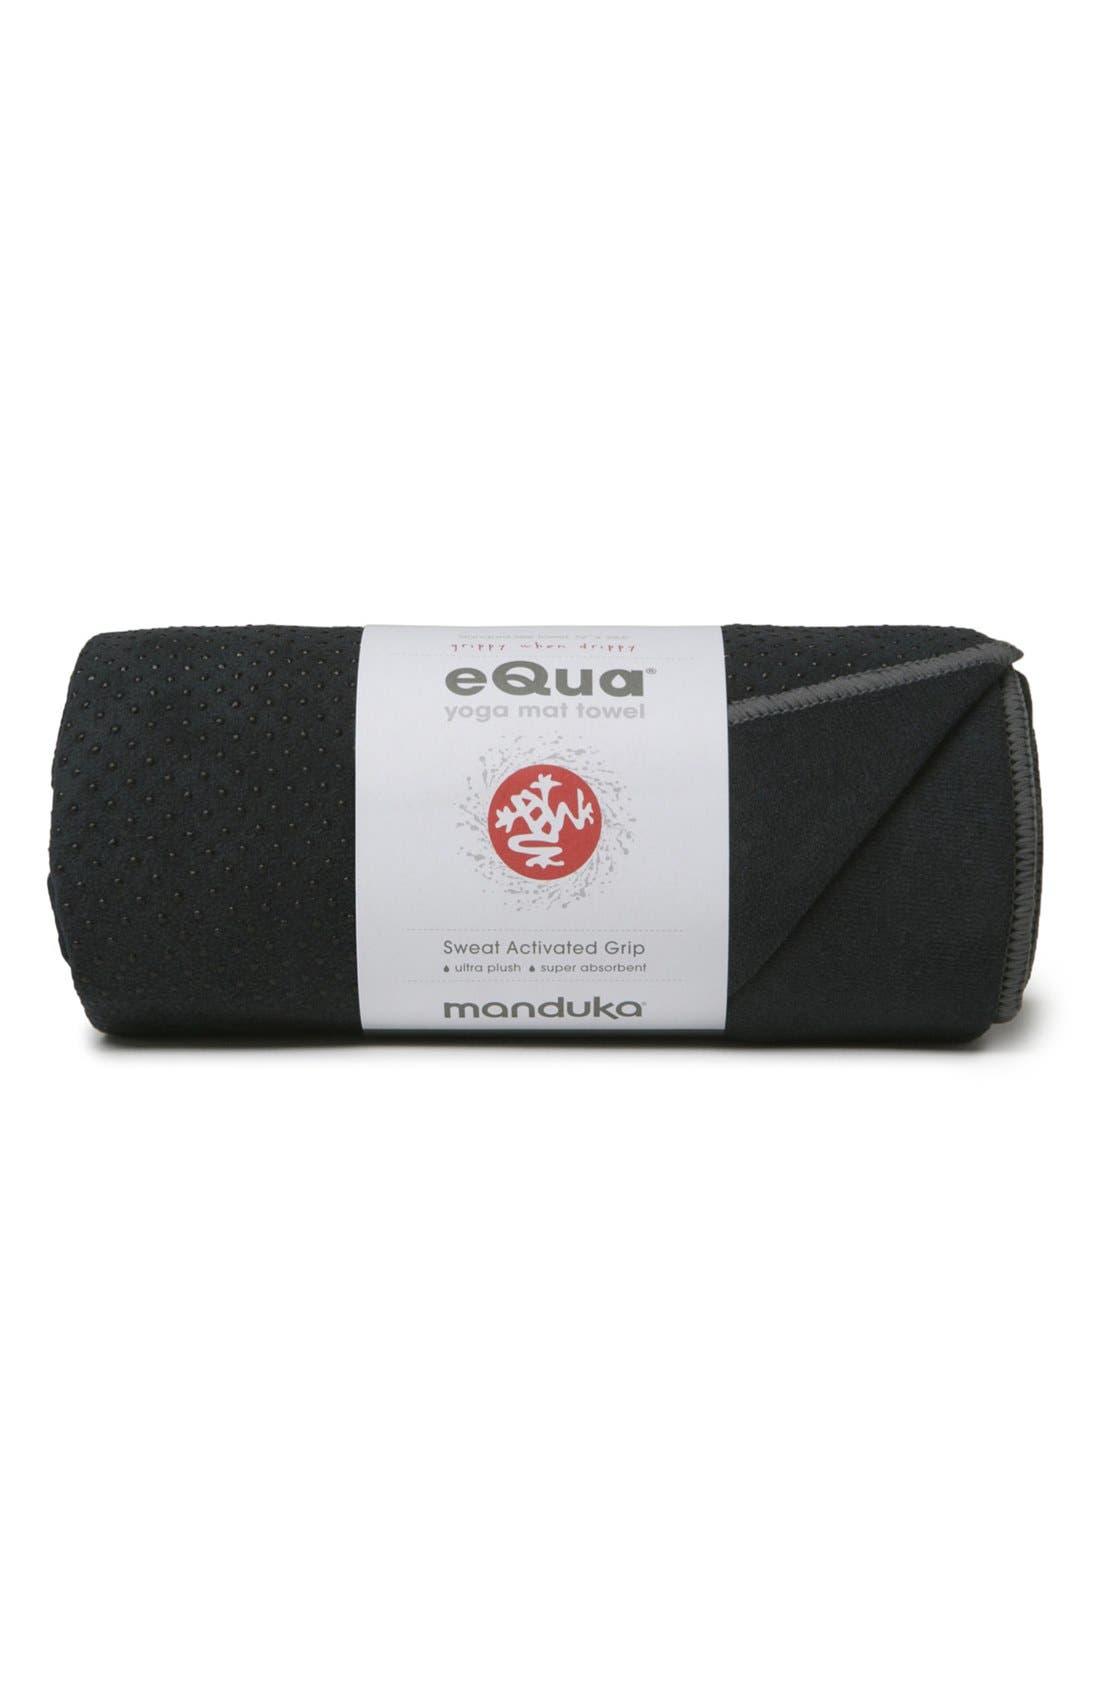 Manduka 'eQua Hold' Yoga Mat Towel